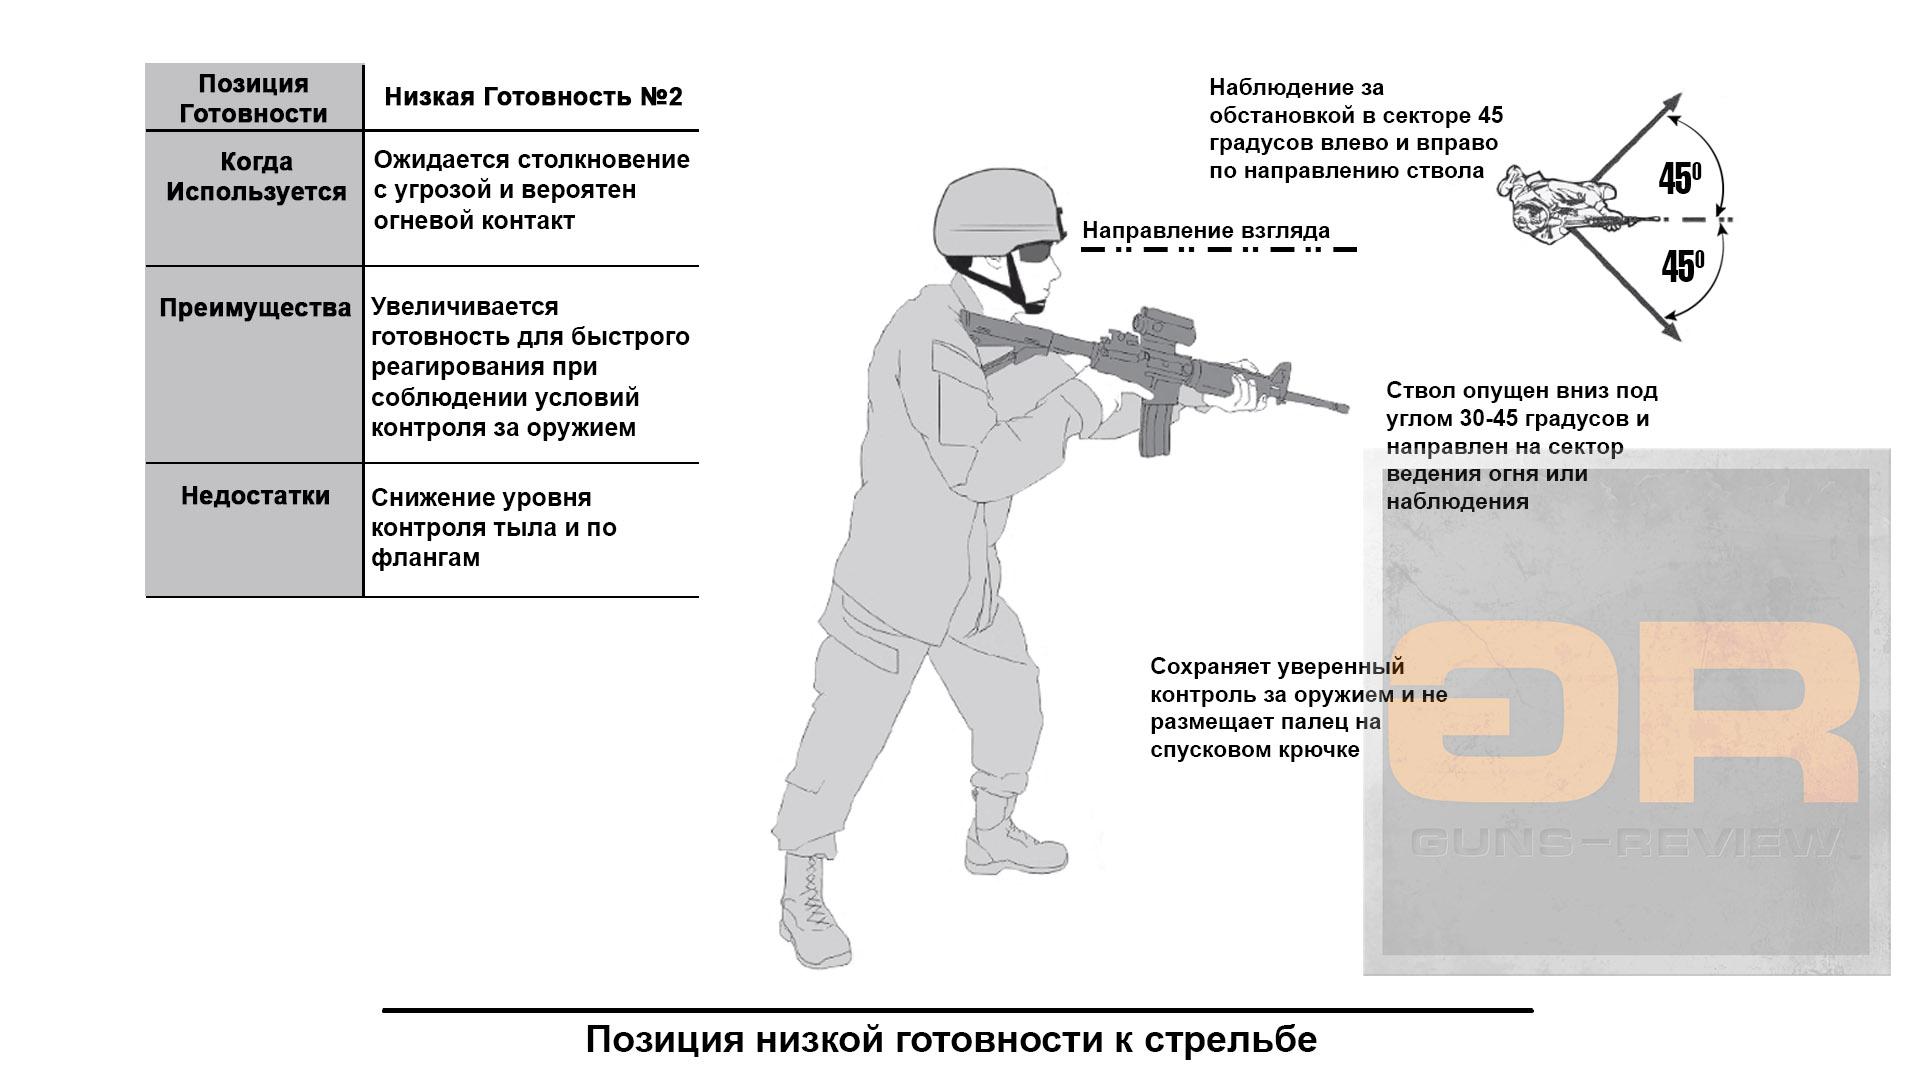 <p>Схема и особенности Позиции с низкой готовностью / US ARMY Rifle and Carbine, 2016. Перевод и адаптация Guns-Review.com</p>